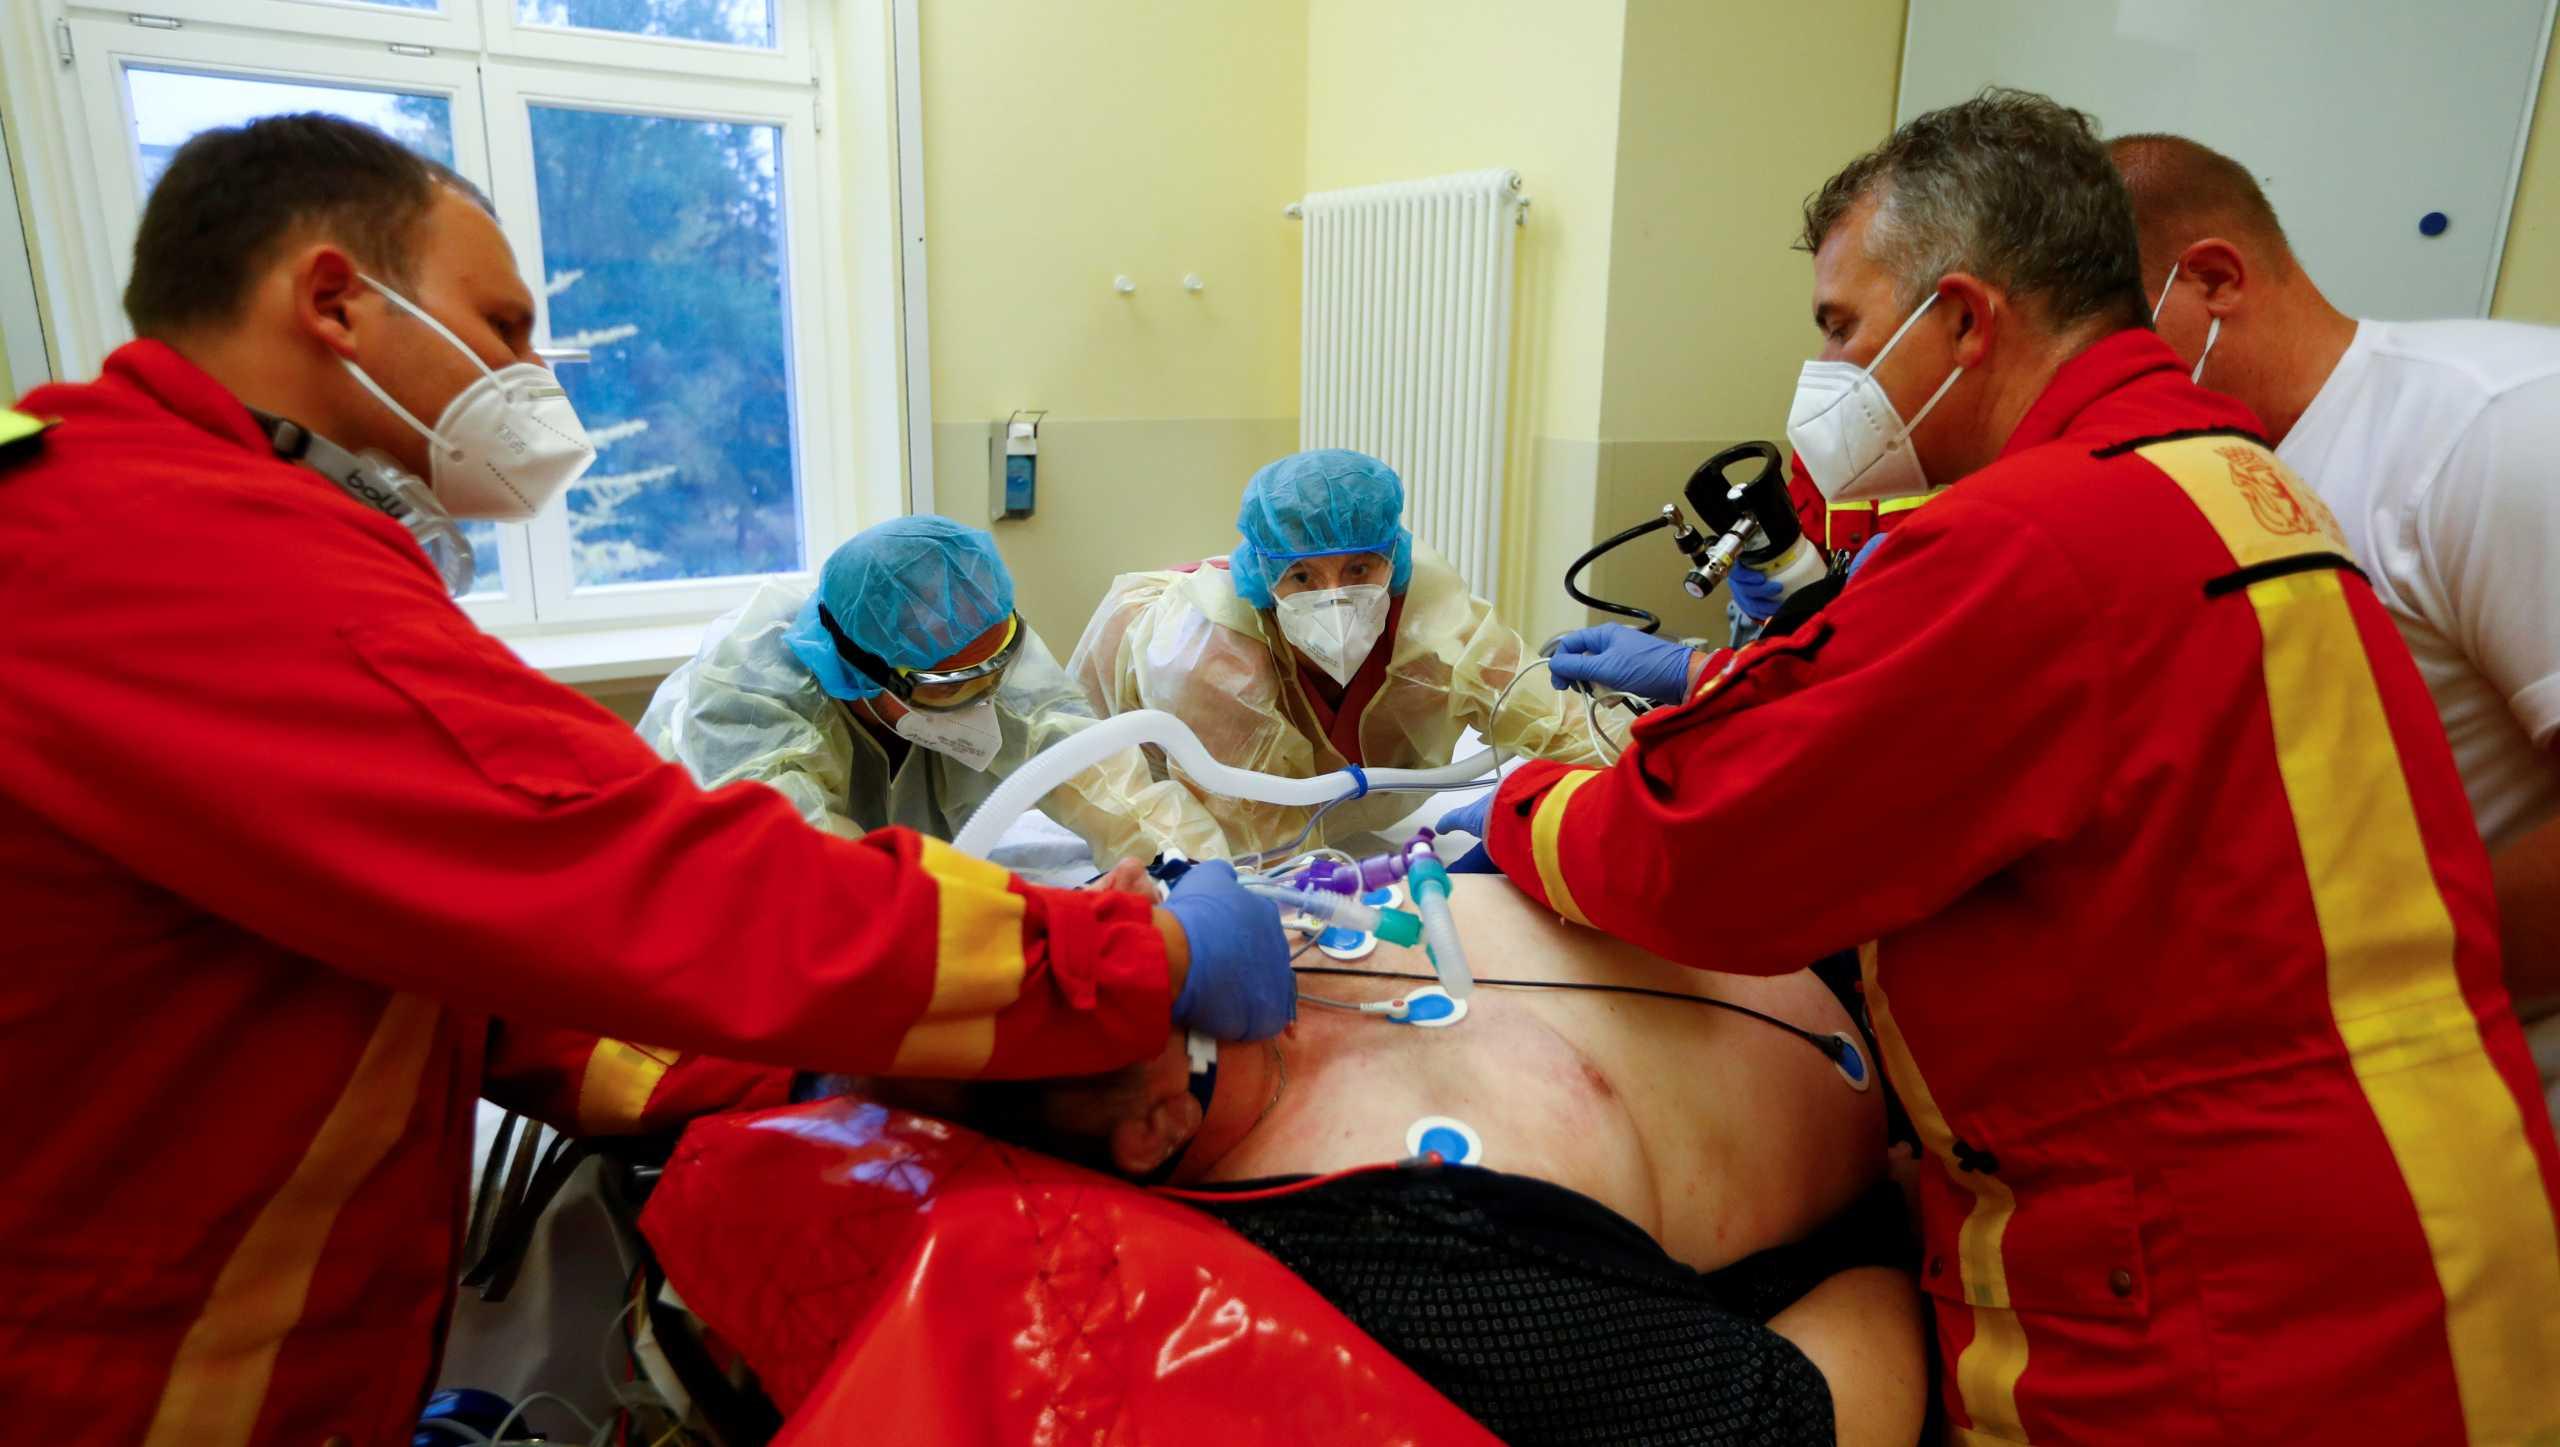 Γερμανία: Έκκληση για lockdown 2 εβδομάδων από γιατρούς – 1.000 εισαγωγές σε ΜΕΘ από τα μέσα Μαρτίου